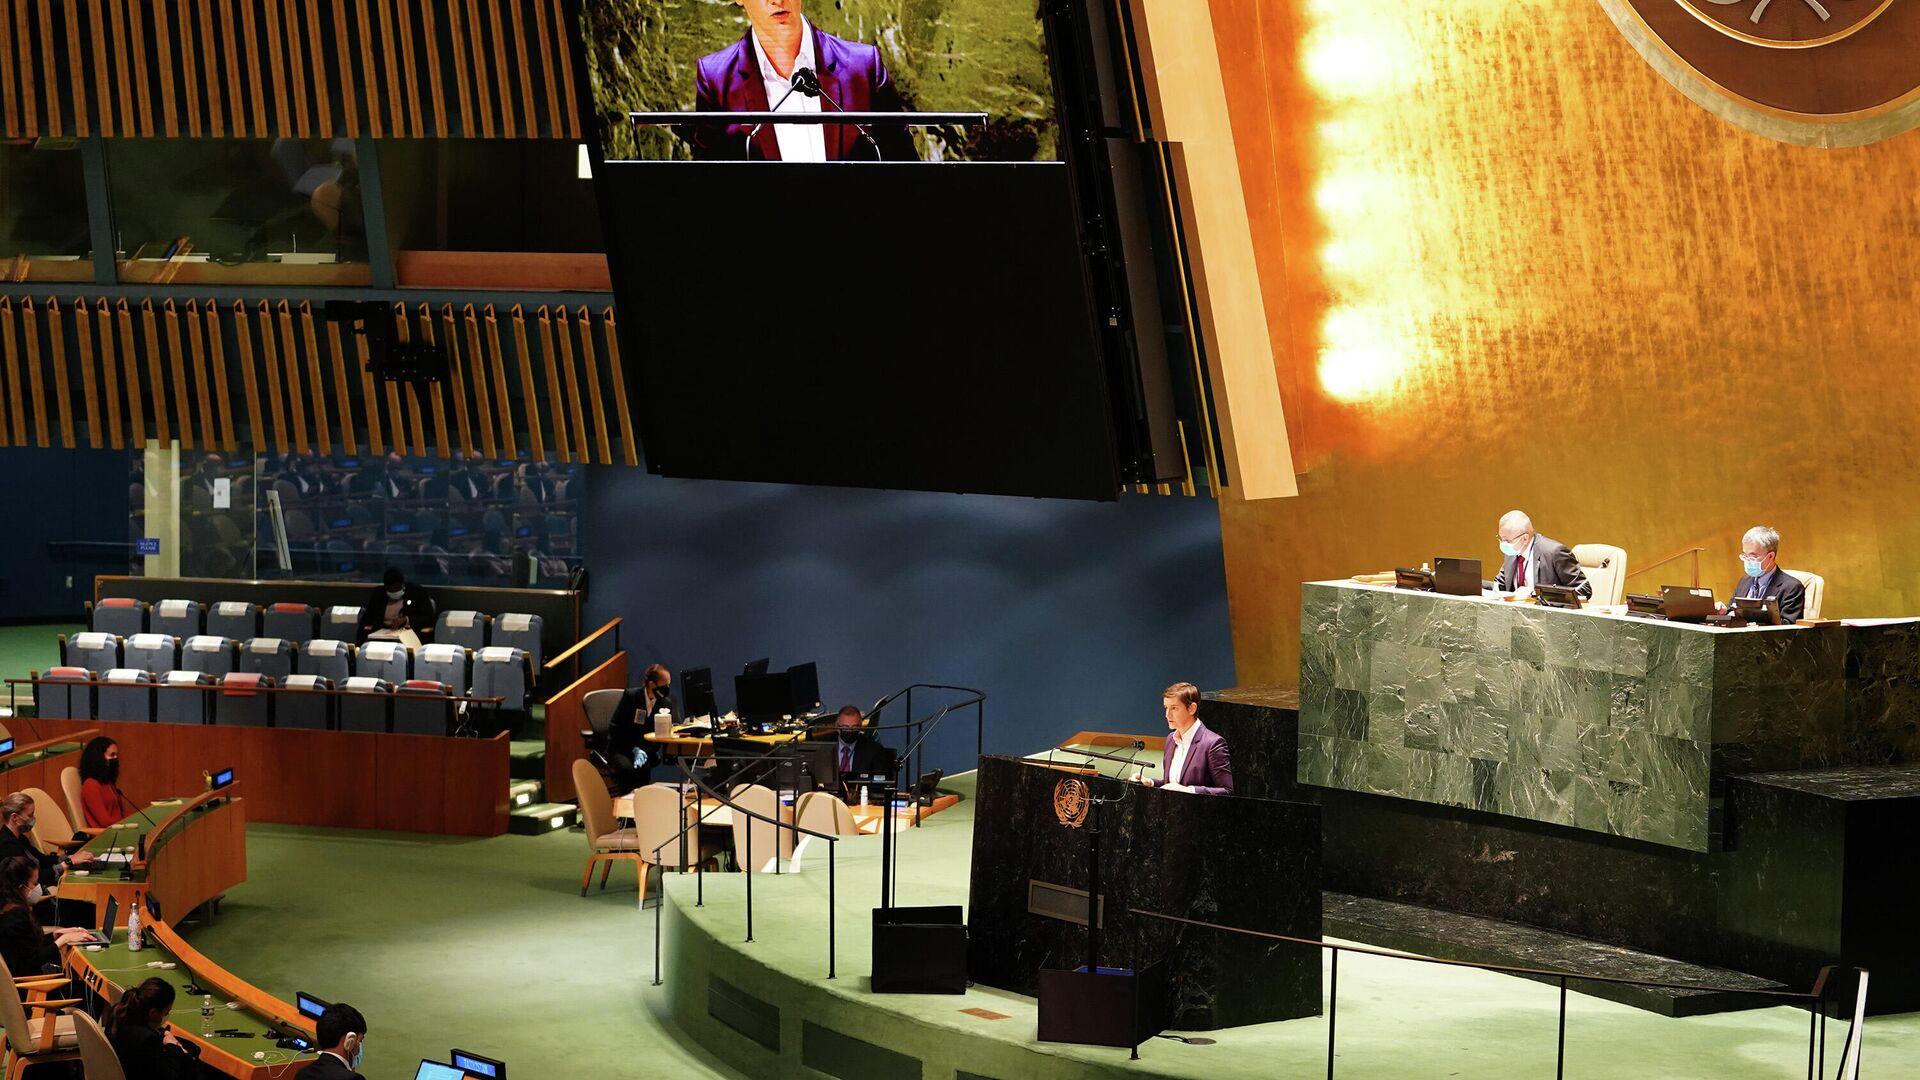 Ana Brnabić govori na Generalnoj skupštini Ujedinjenih nacija - Sputnik Srbija, 1920, 25.09.2021